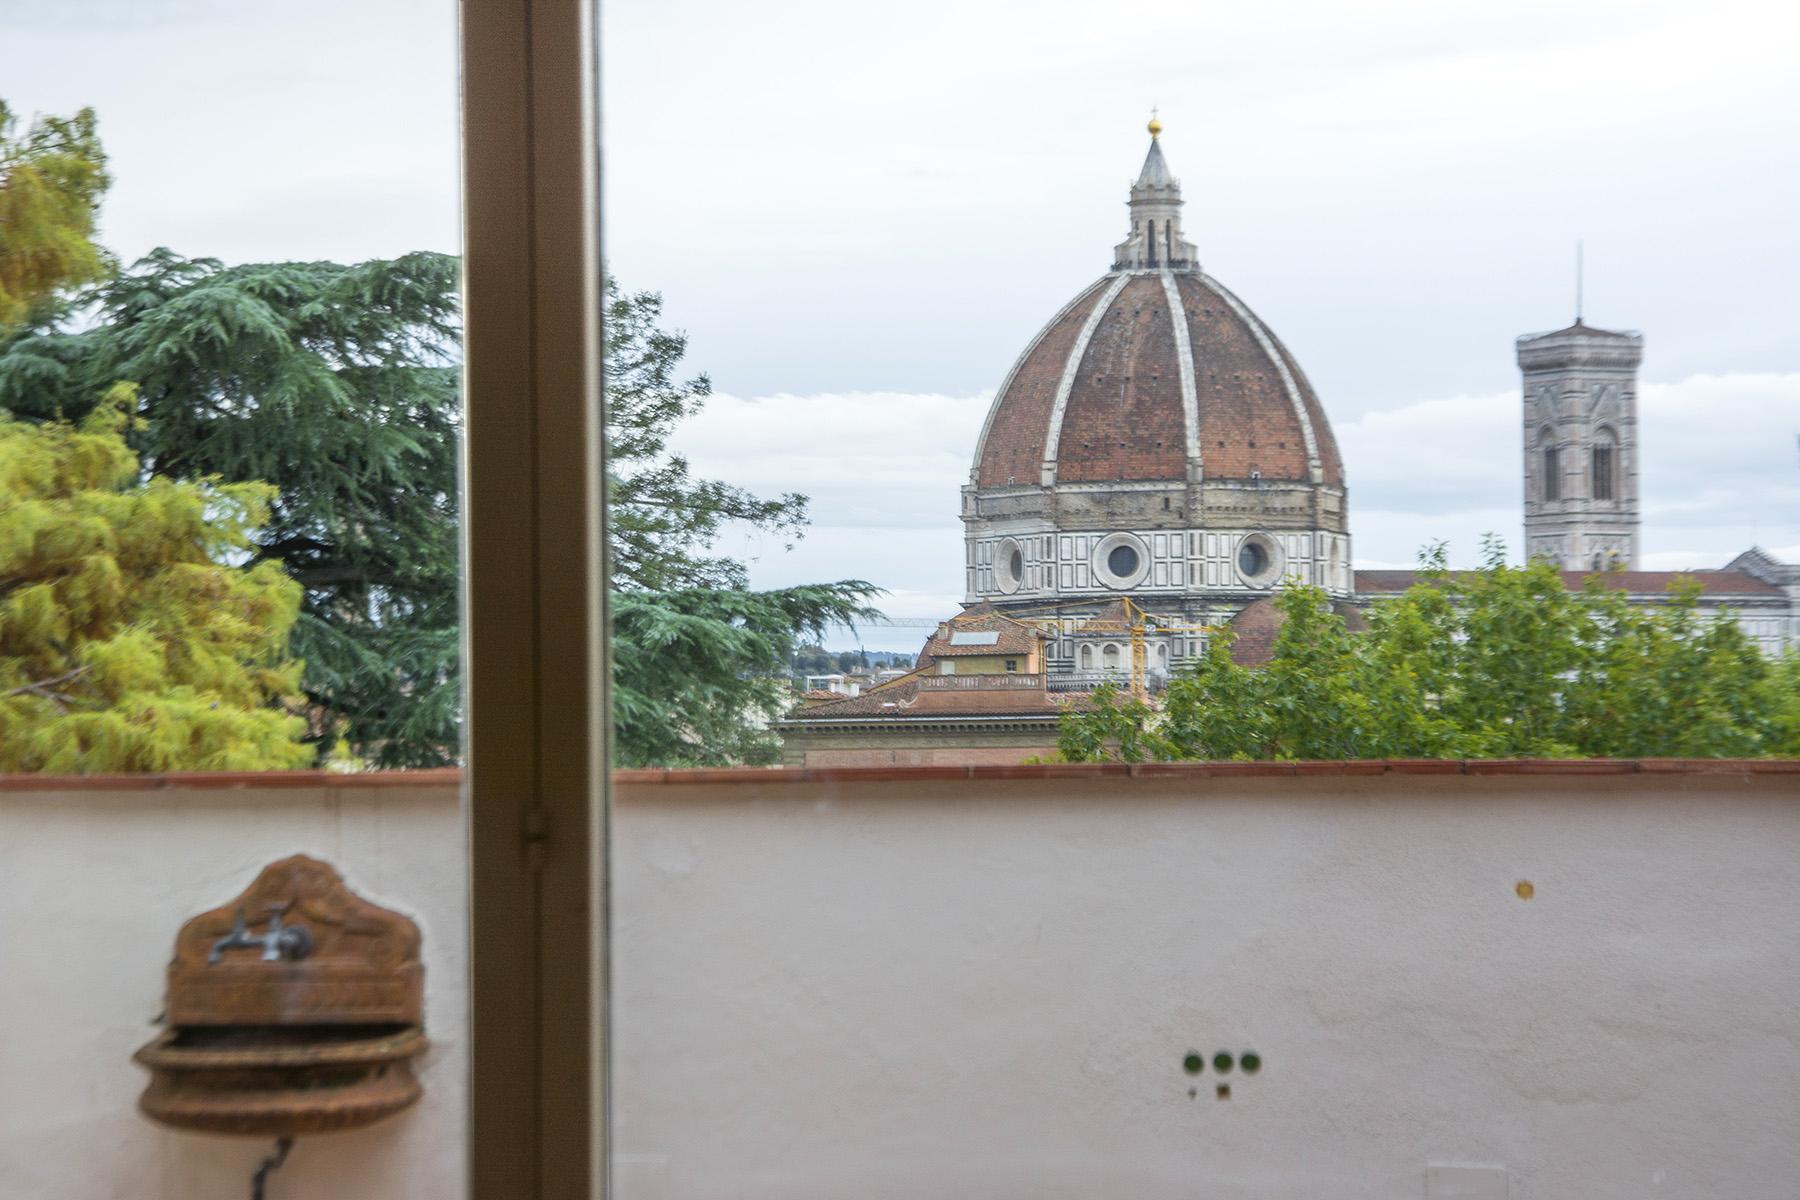 Attico in Affitto a Firenze Centro: 5 locali, 120 mq